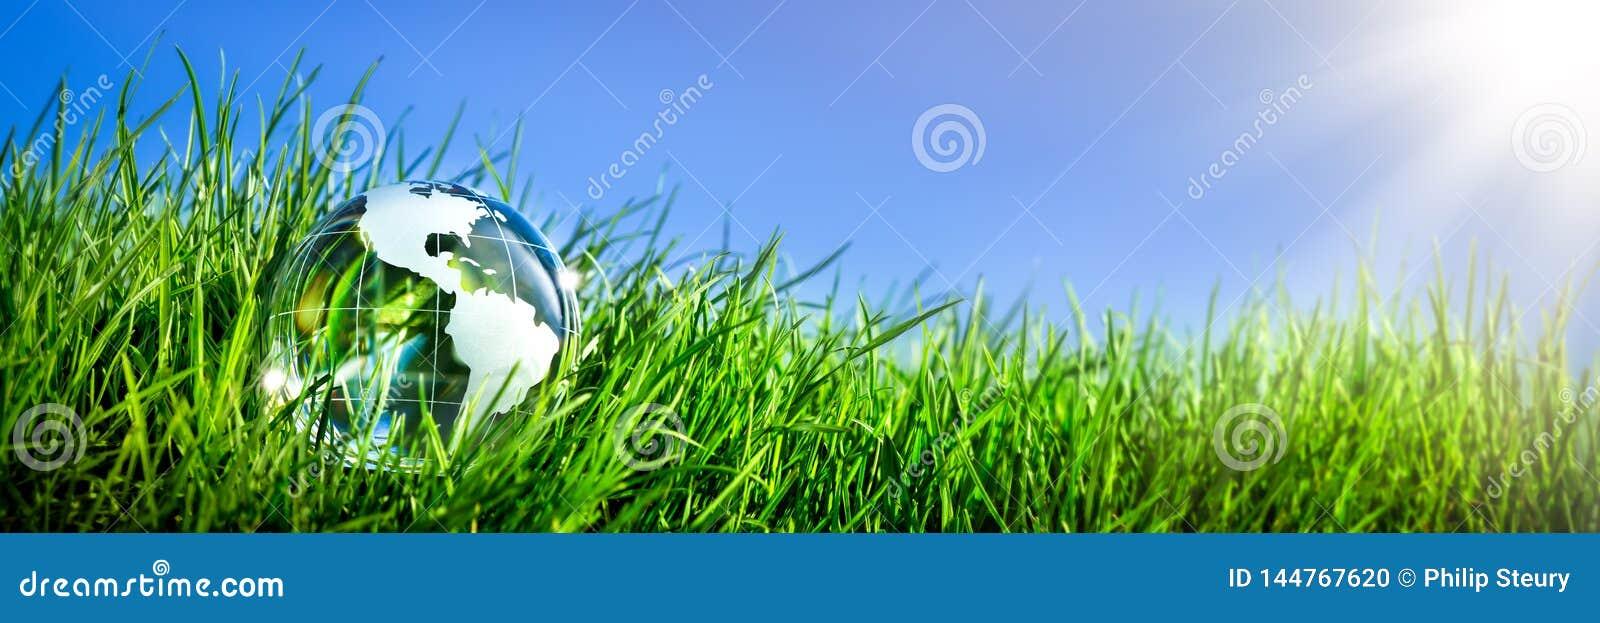 Земля Кристл в траве